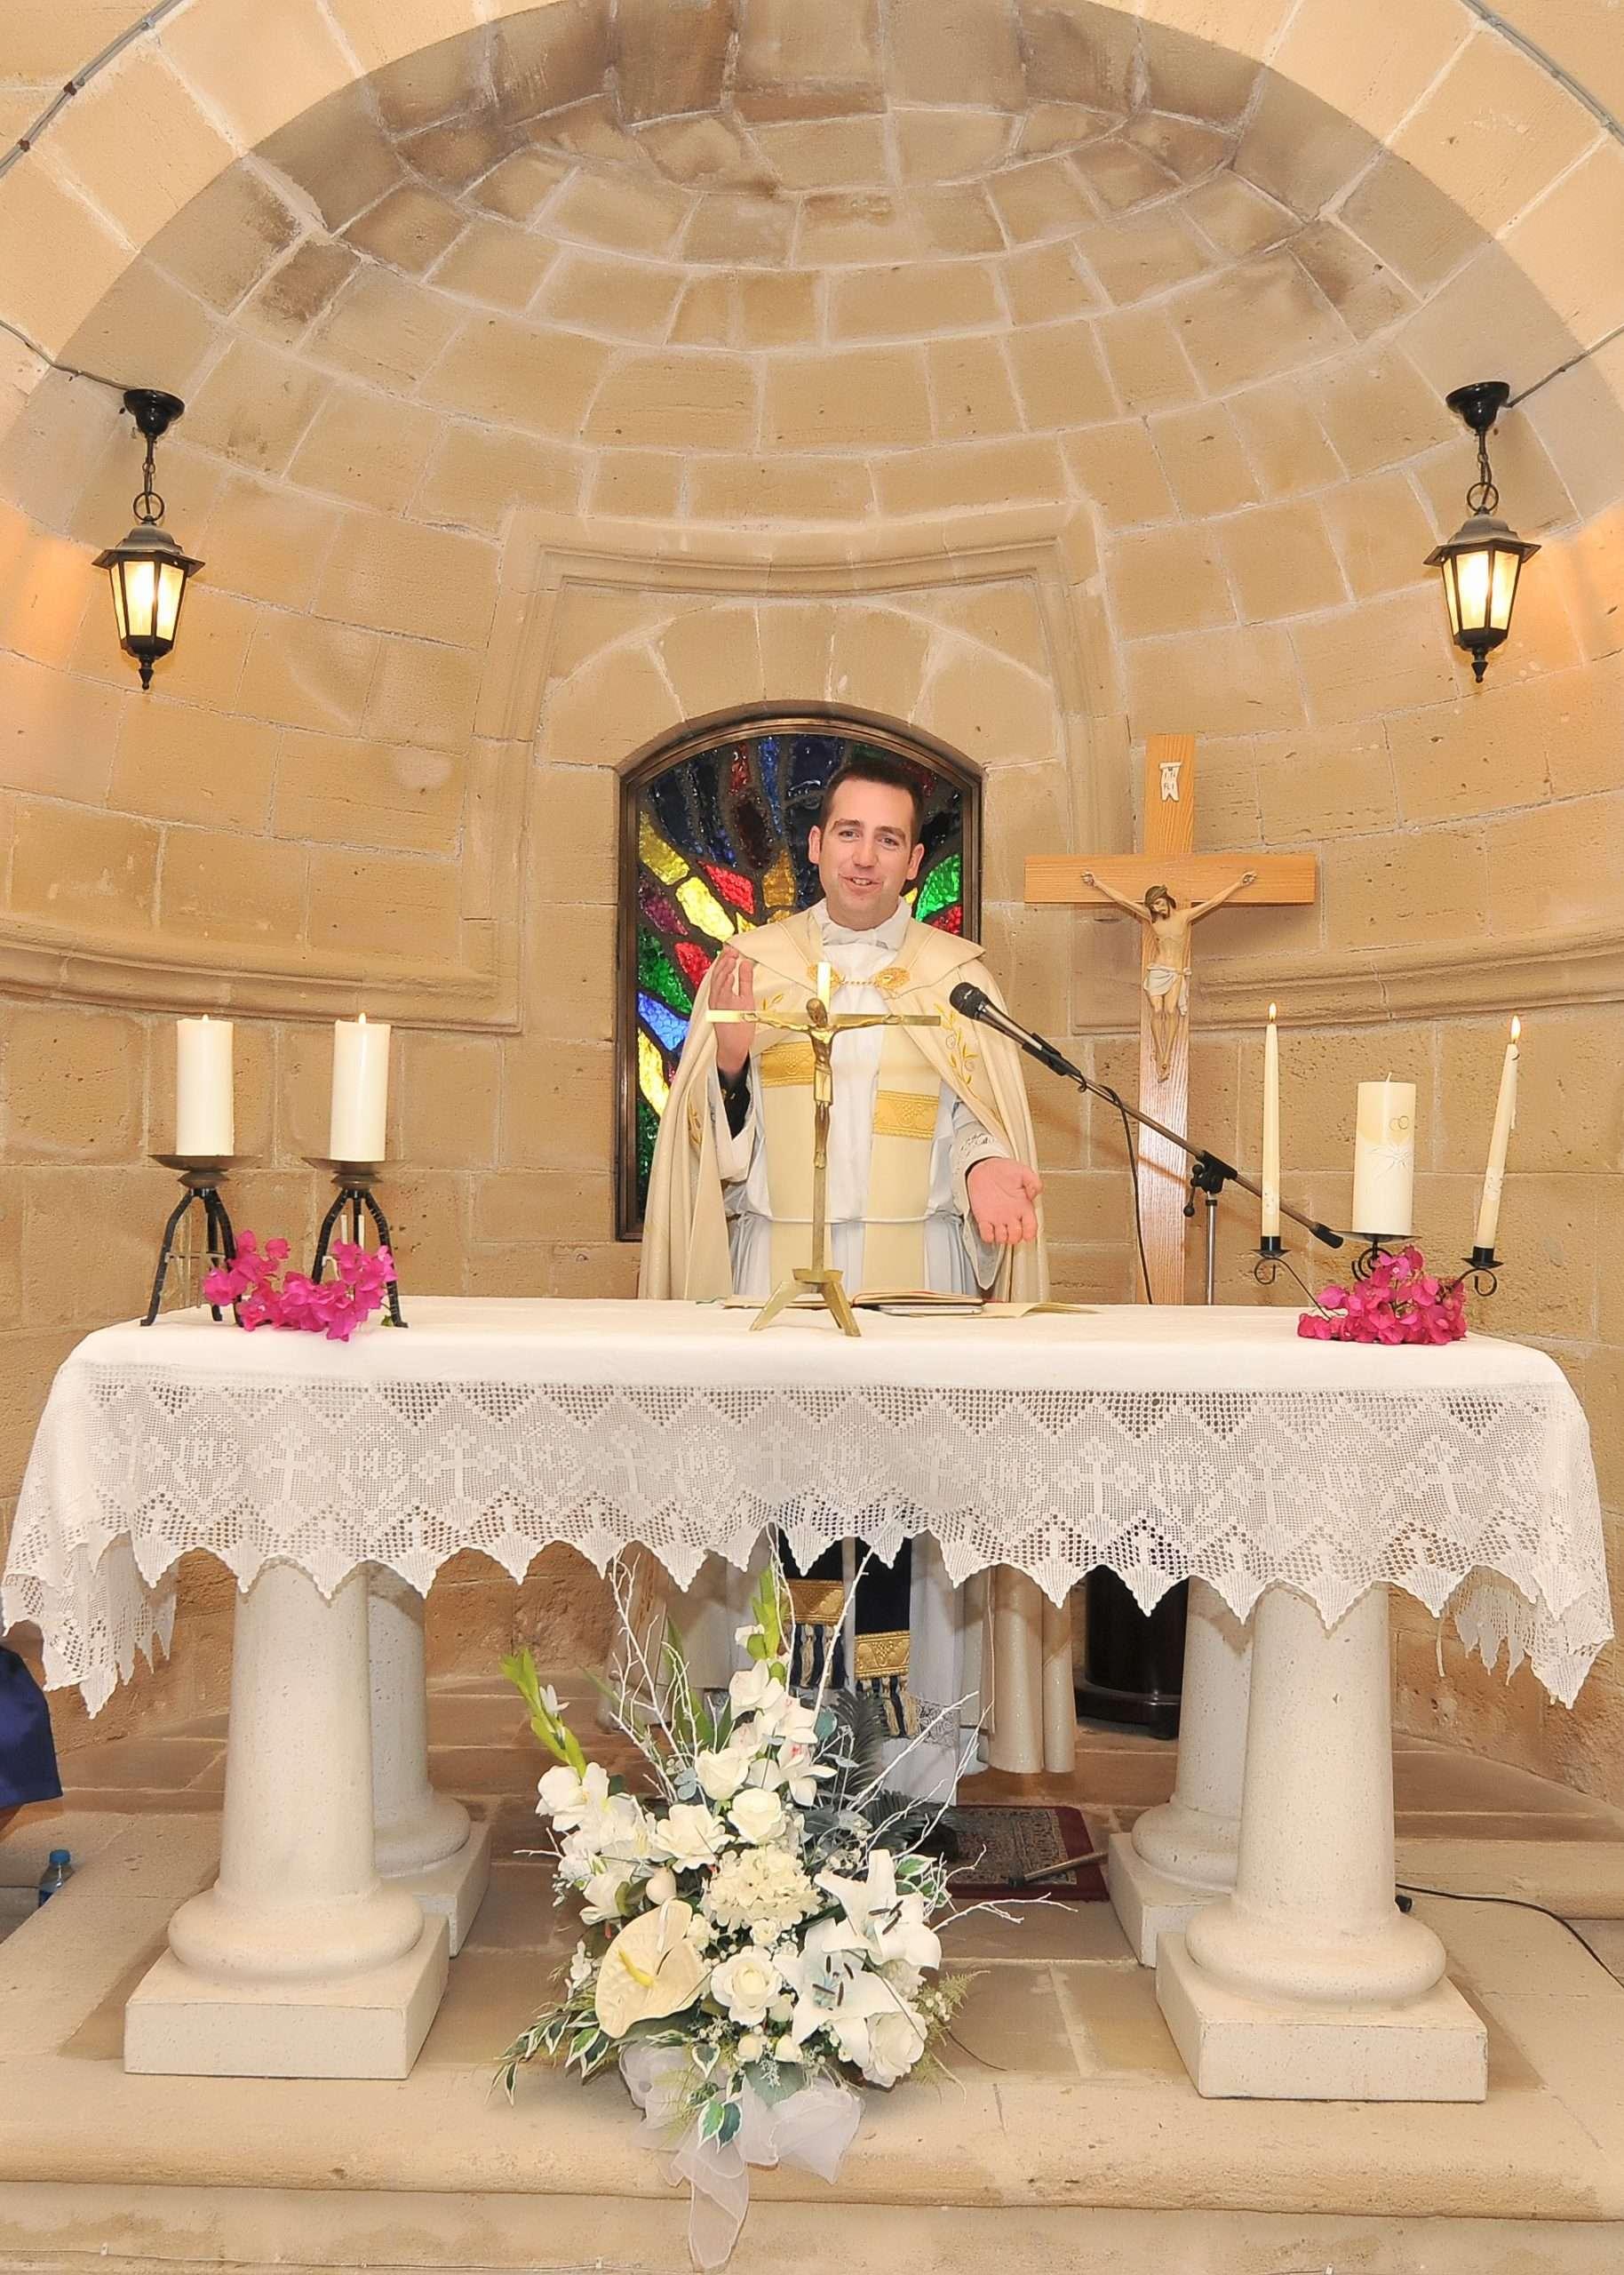 Catholic church weddings in north cyprus